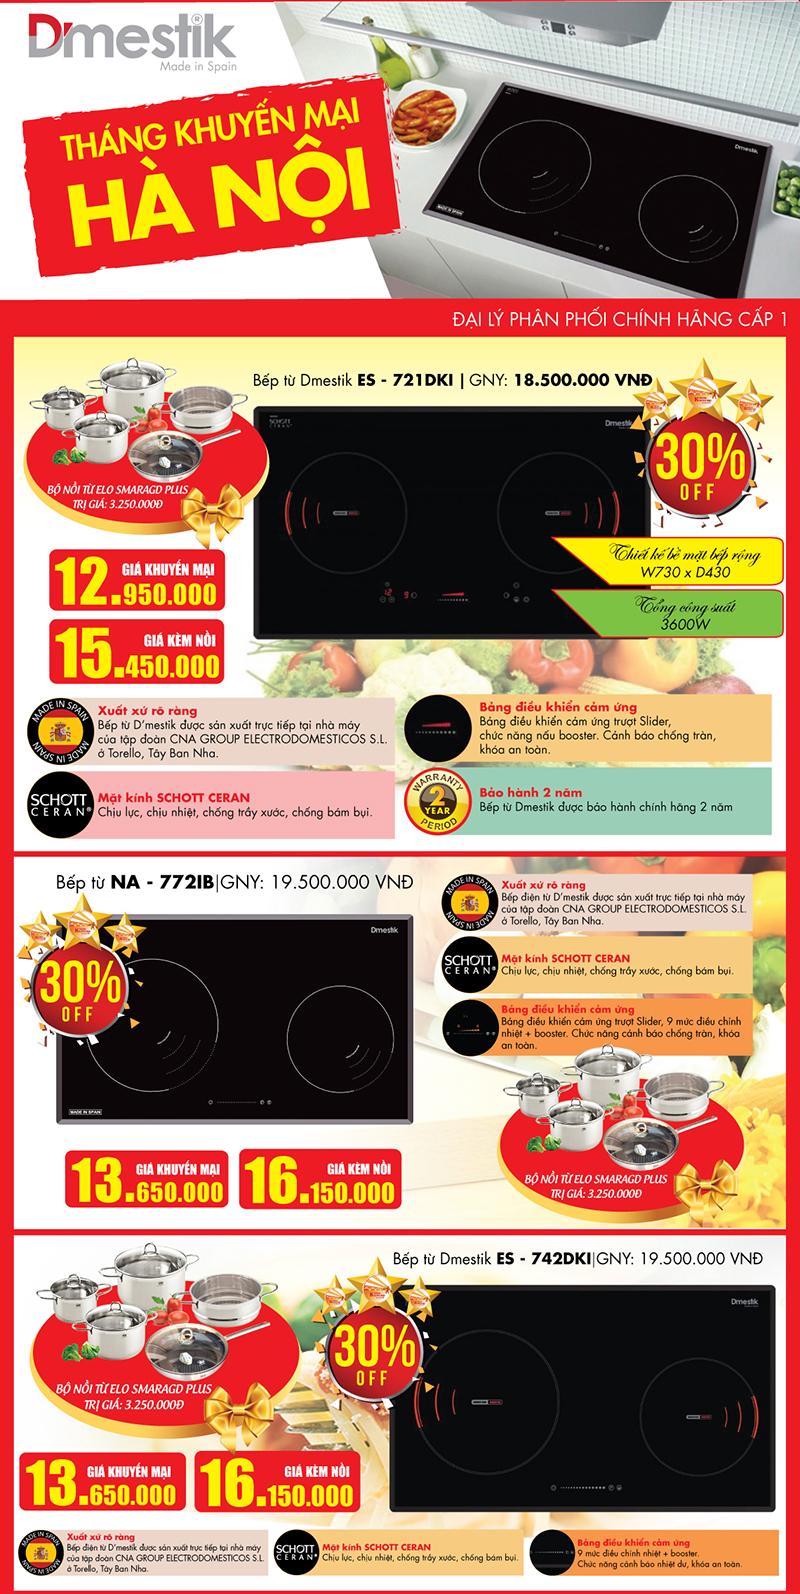 Khuyến mại 30% bếp từ D'mestik tại Bếp Thái Sơn